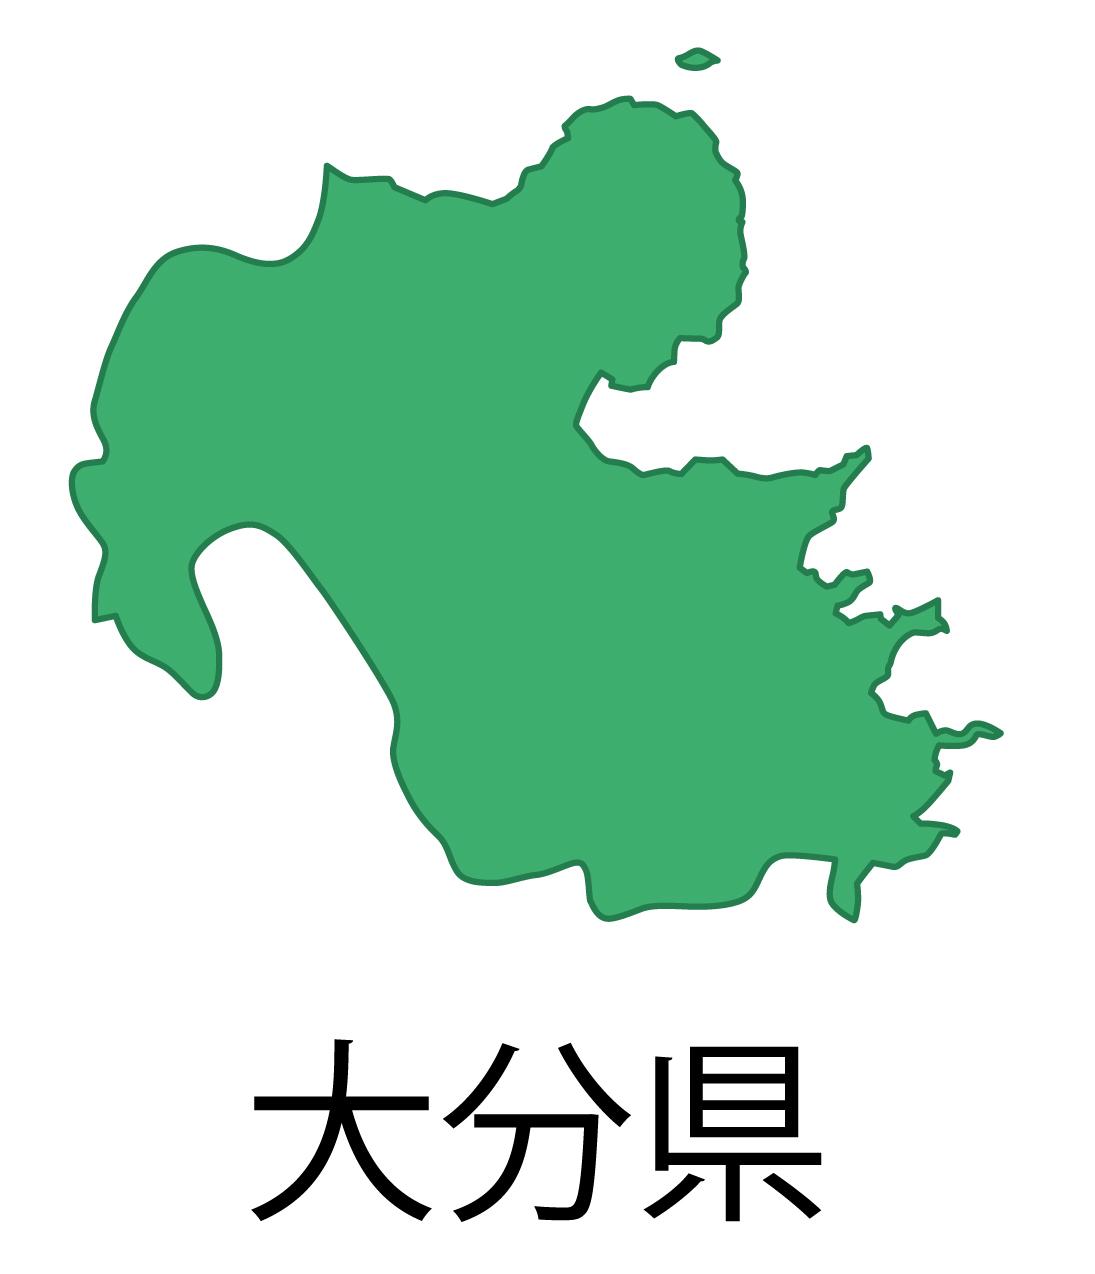 大分県無料フリーイラスト|日本語・都道府県名あり(緑)